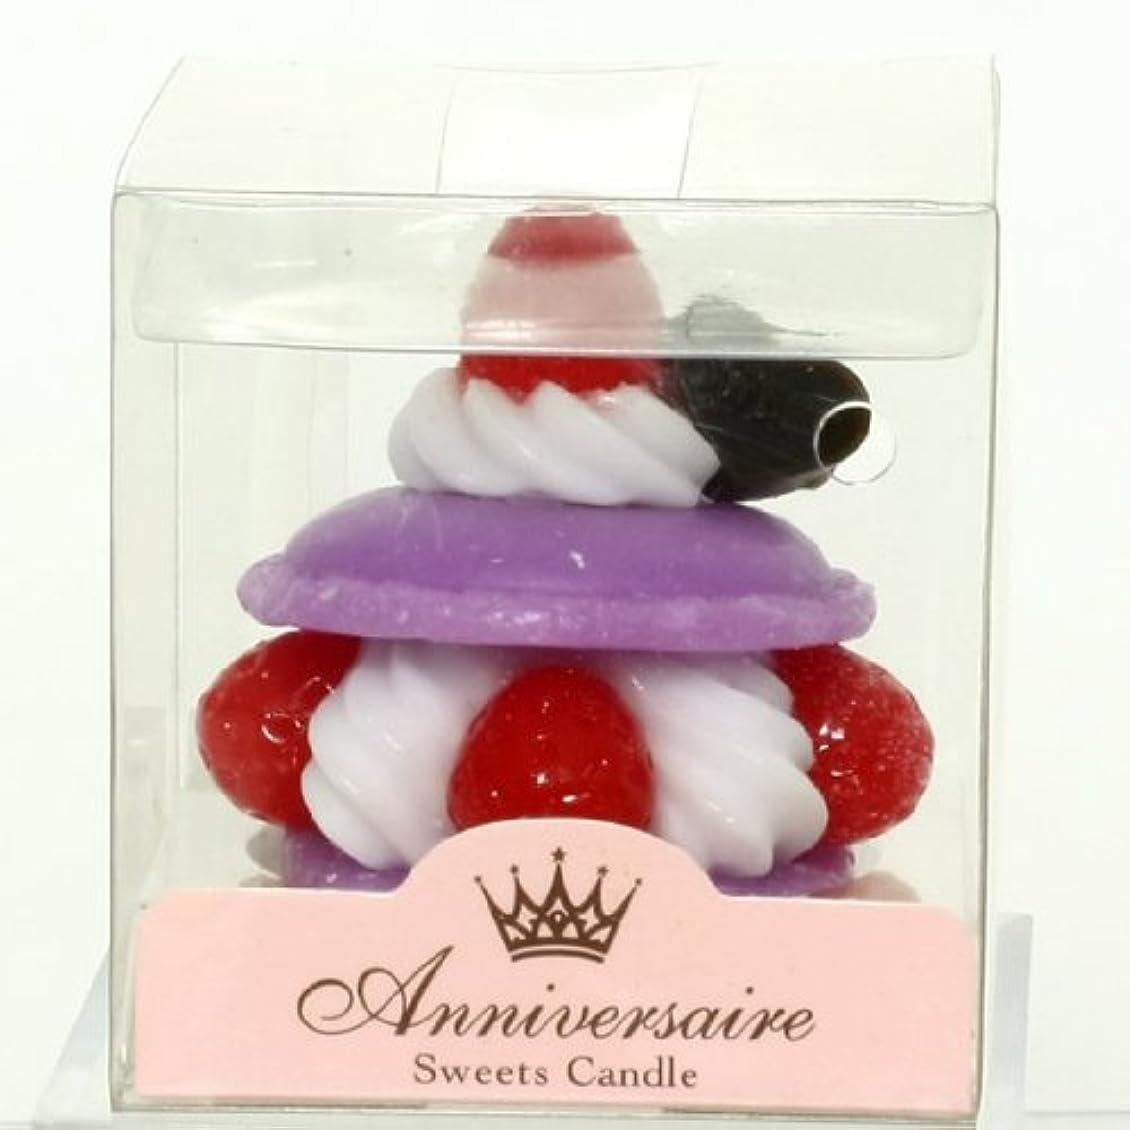 ジョットディボンドン比類なき討論sweets candle(スイーツキャンドル) マカロンケーキキャンドル【パープル】(ba6580500pu)